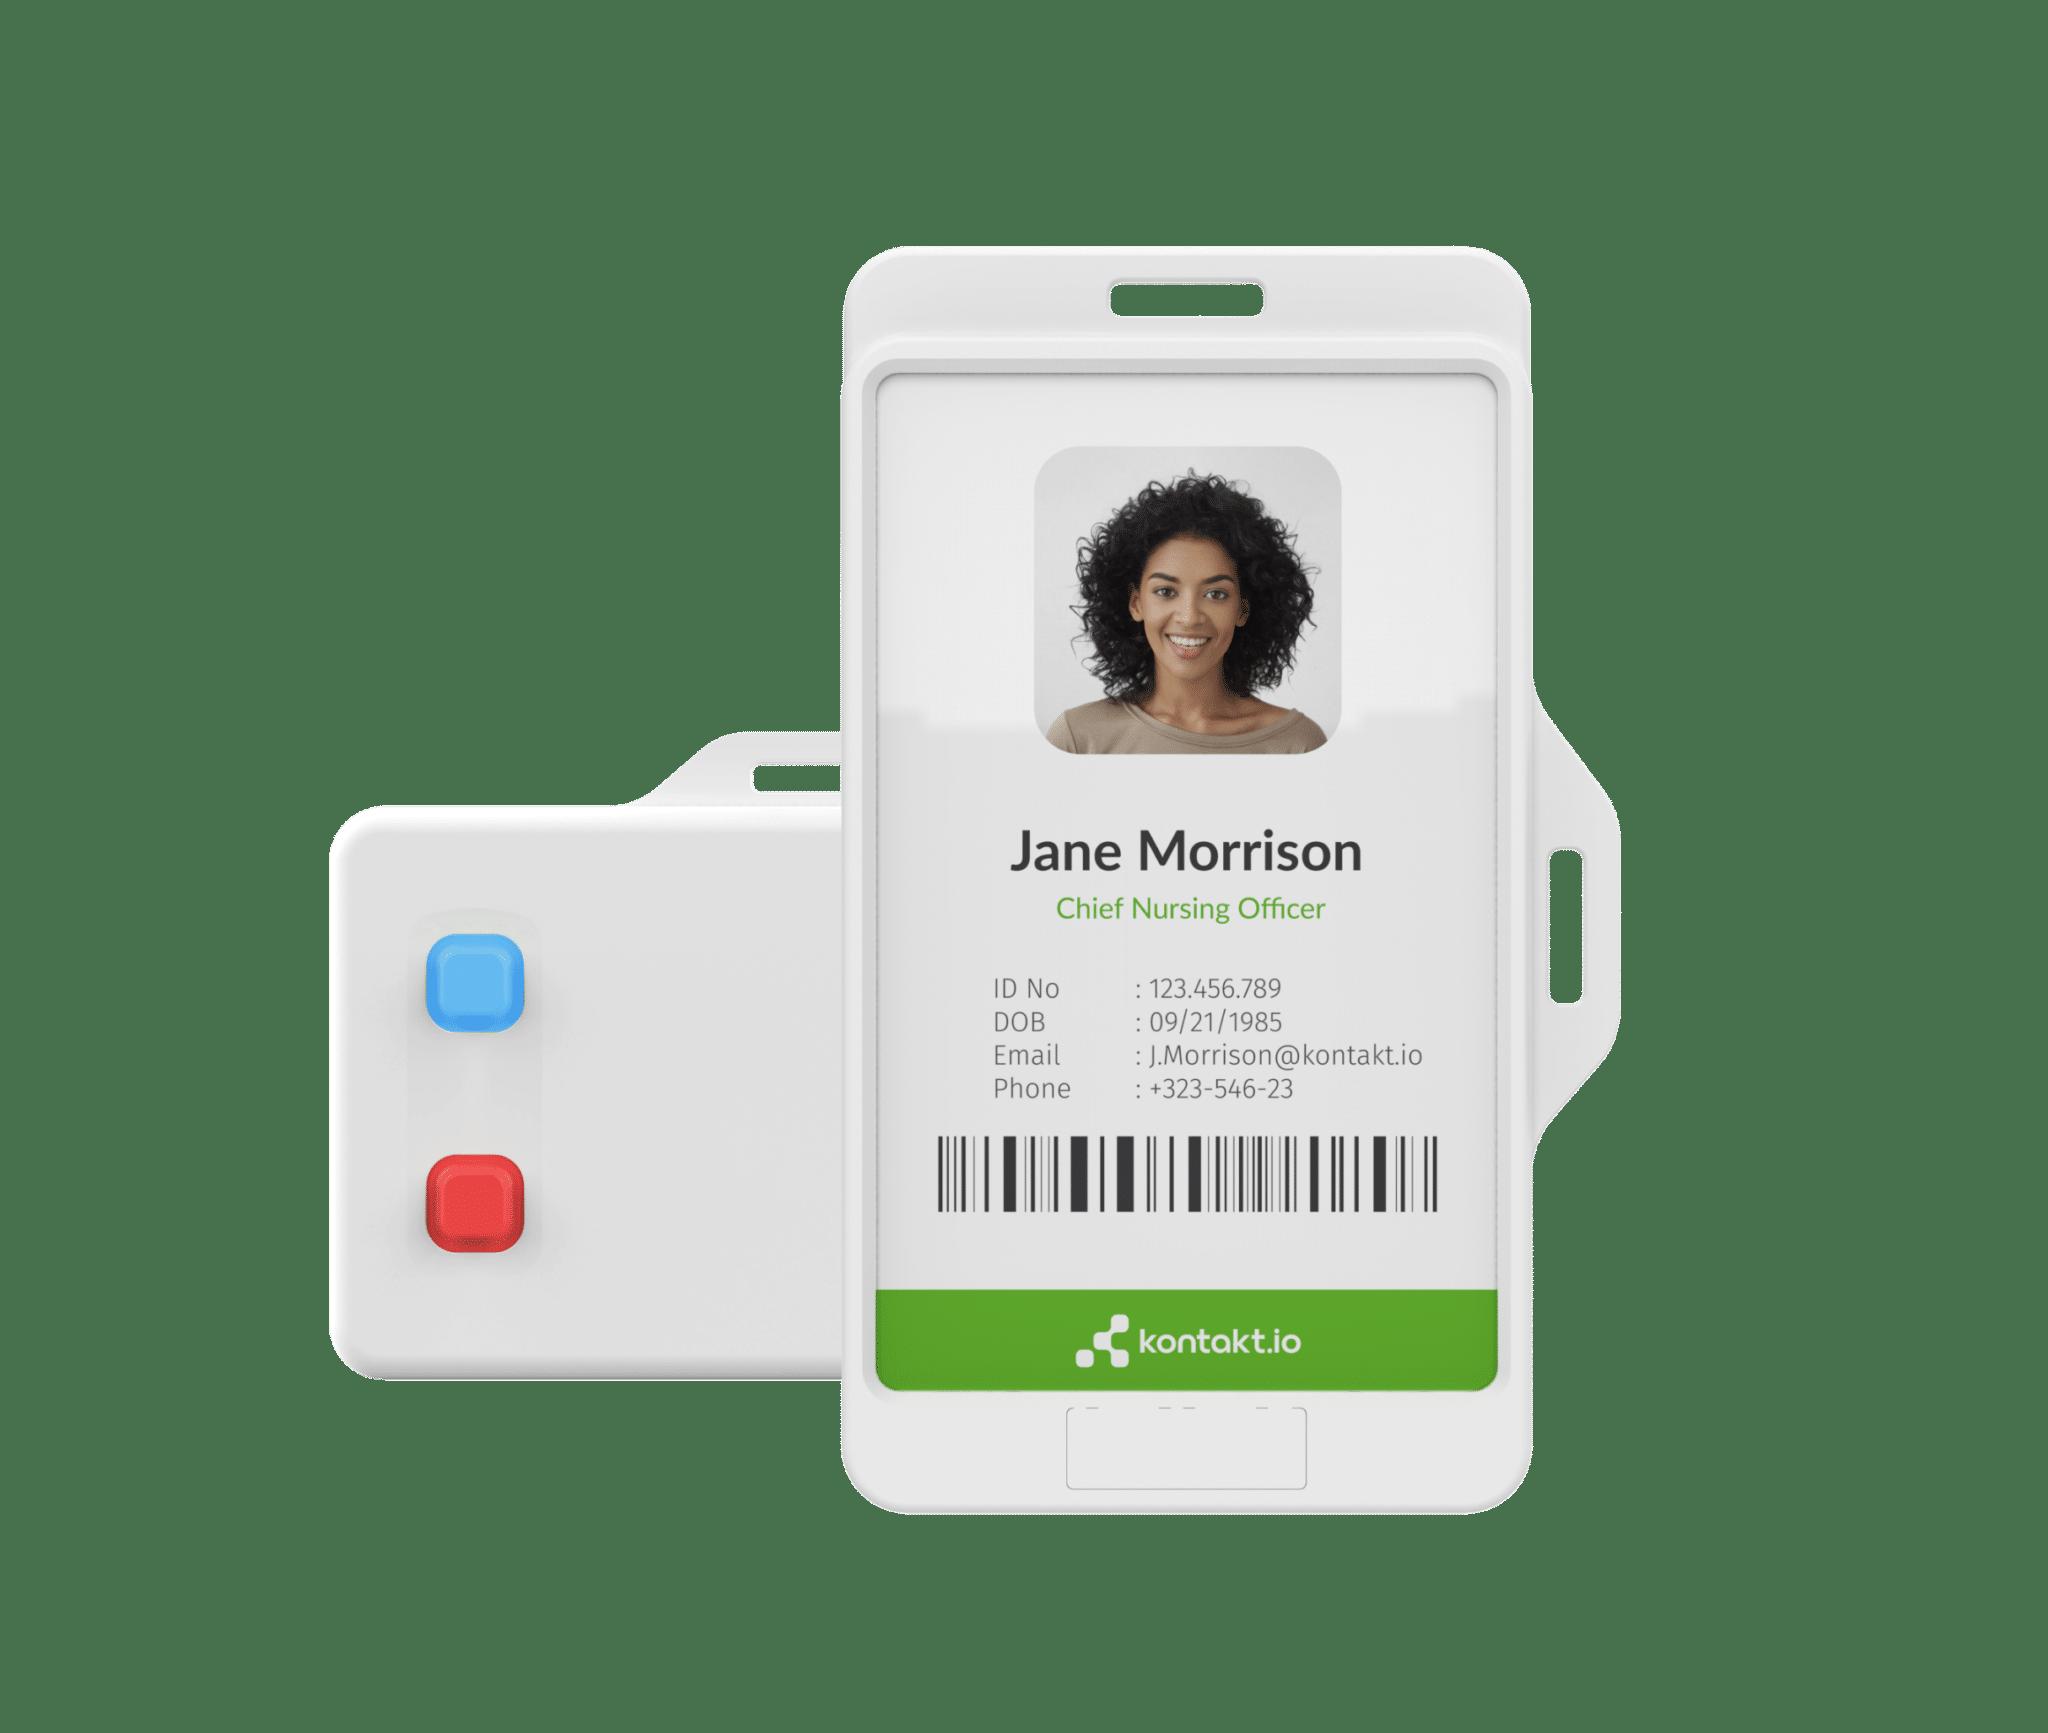 Smart Badges as IoMT soultution